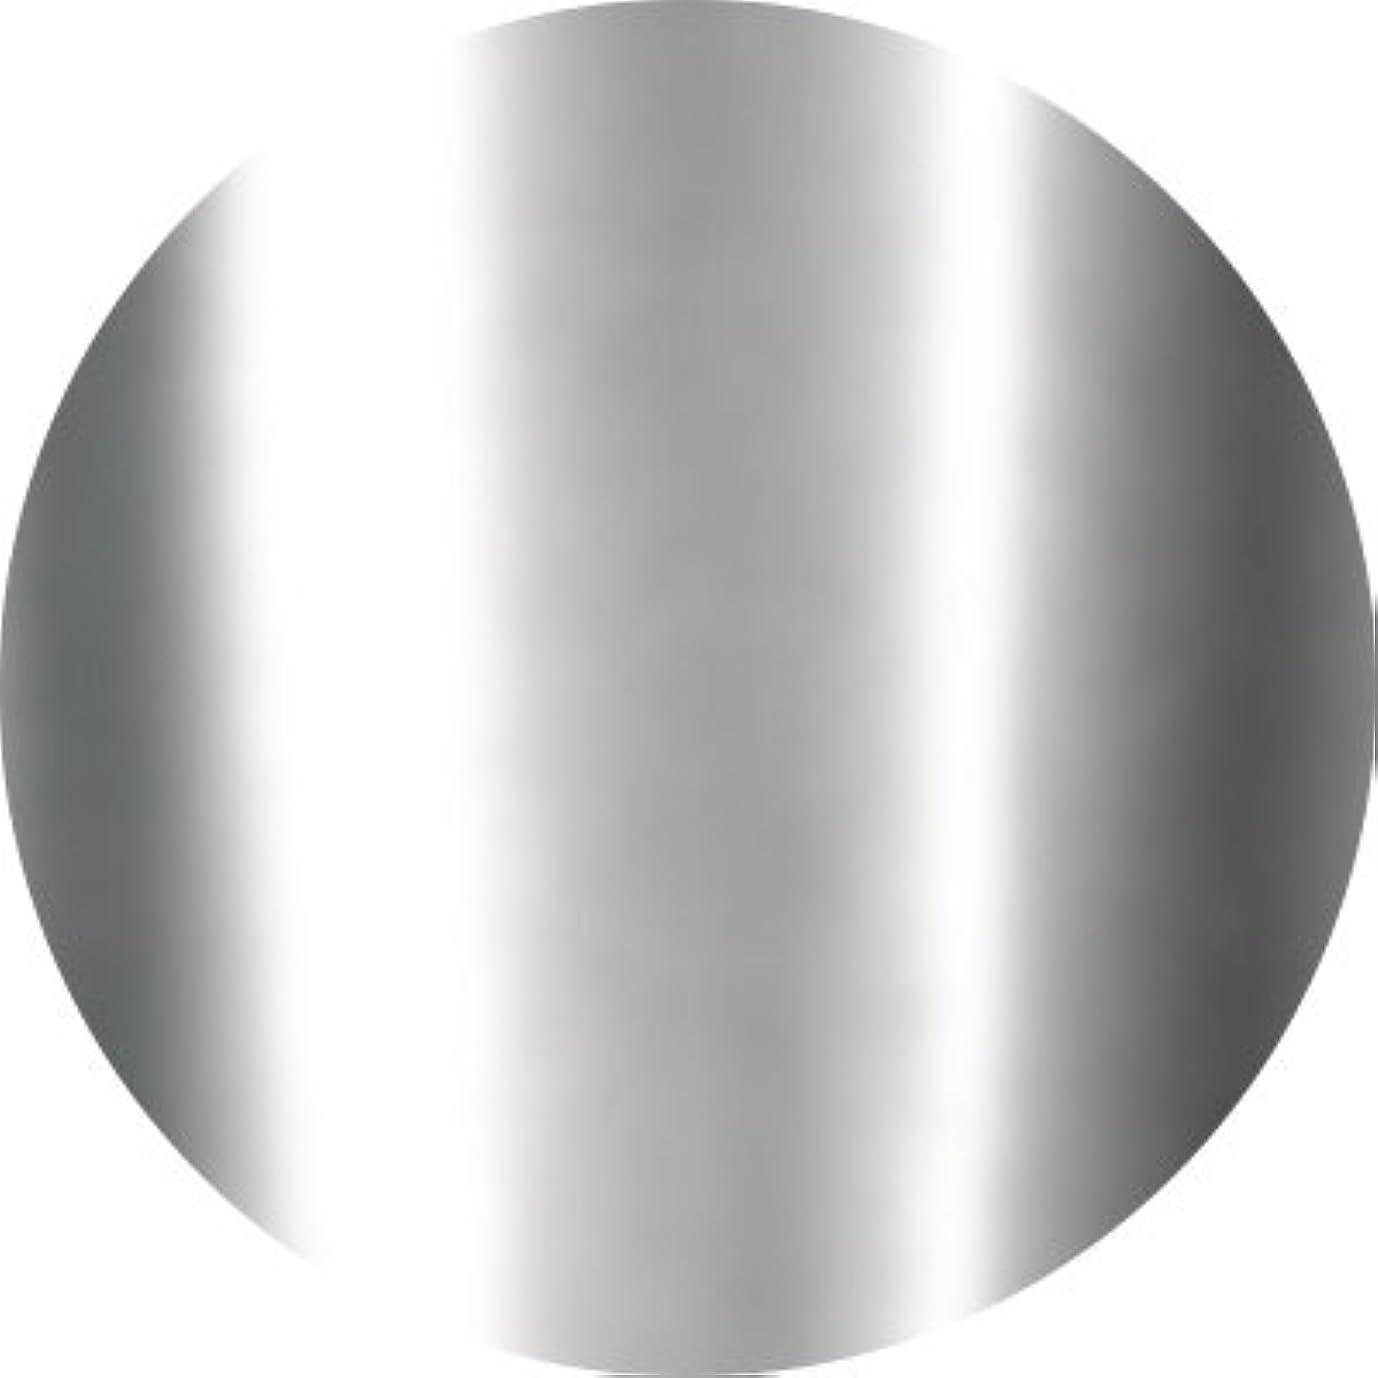 染色バケット気まぐれなJewelry jel(ジュエリージェル) カラージェル 5ml<BR>ピッカピカメタリック MKシルバー